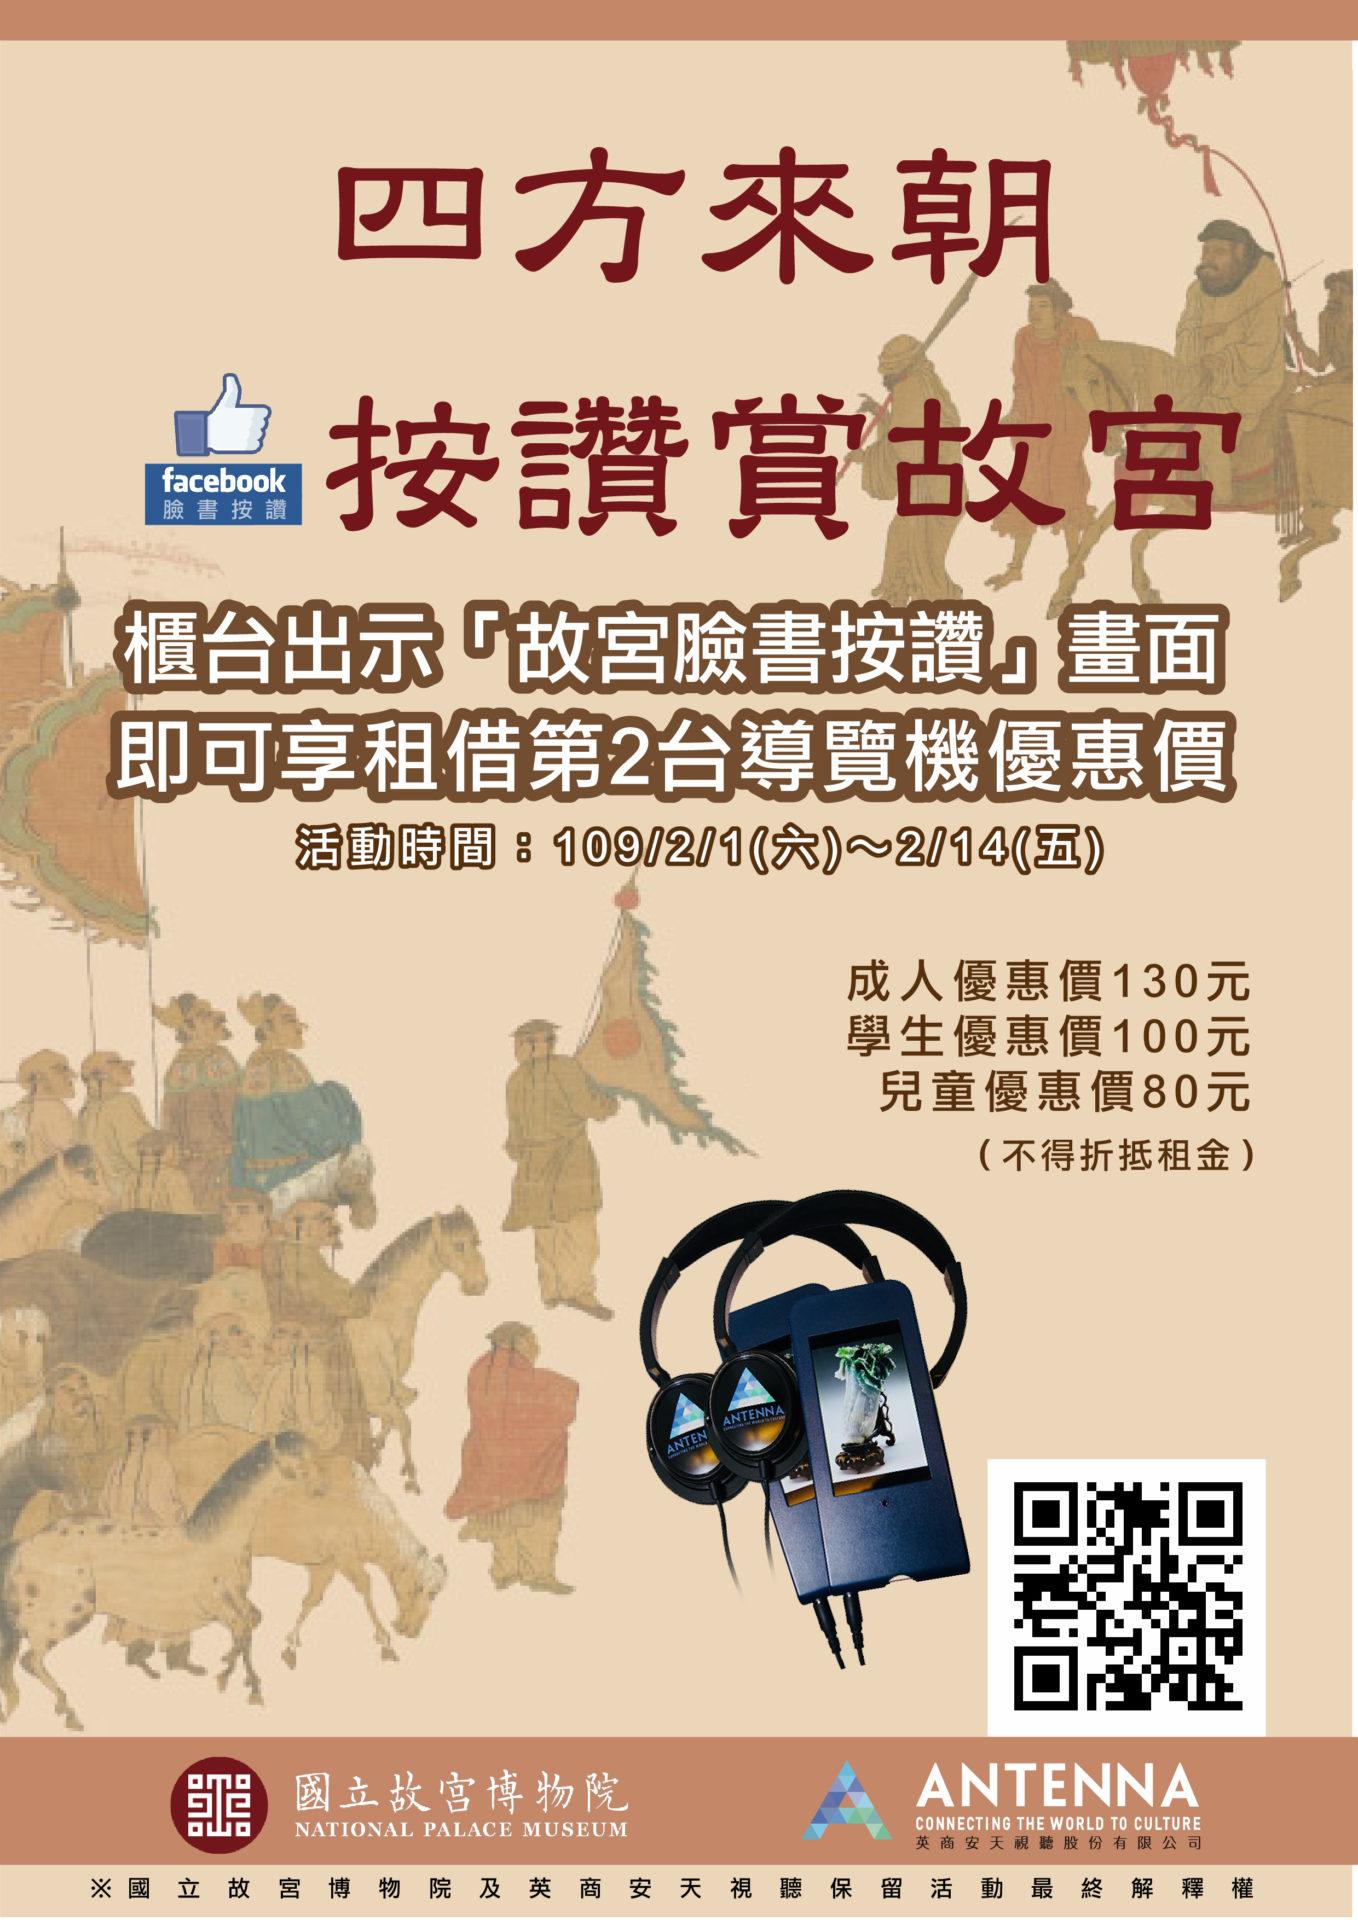 國立故宮博物院:2020/02/01-02/14【四方來朝 臉書按讚賞故宮】